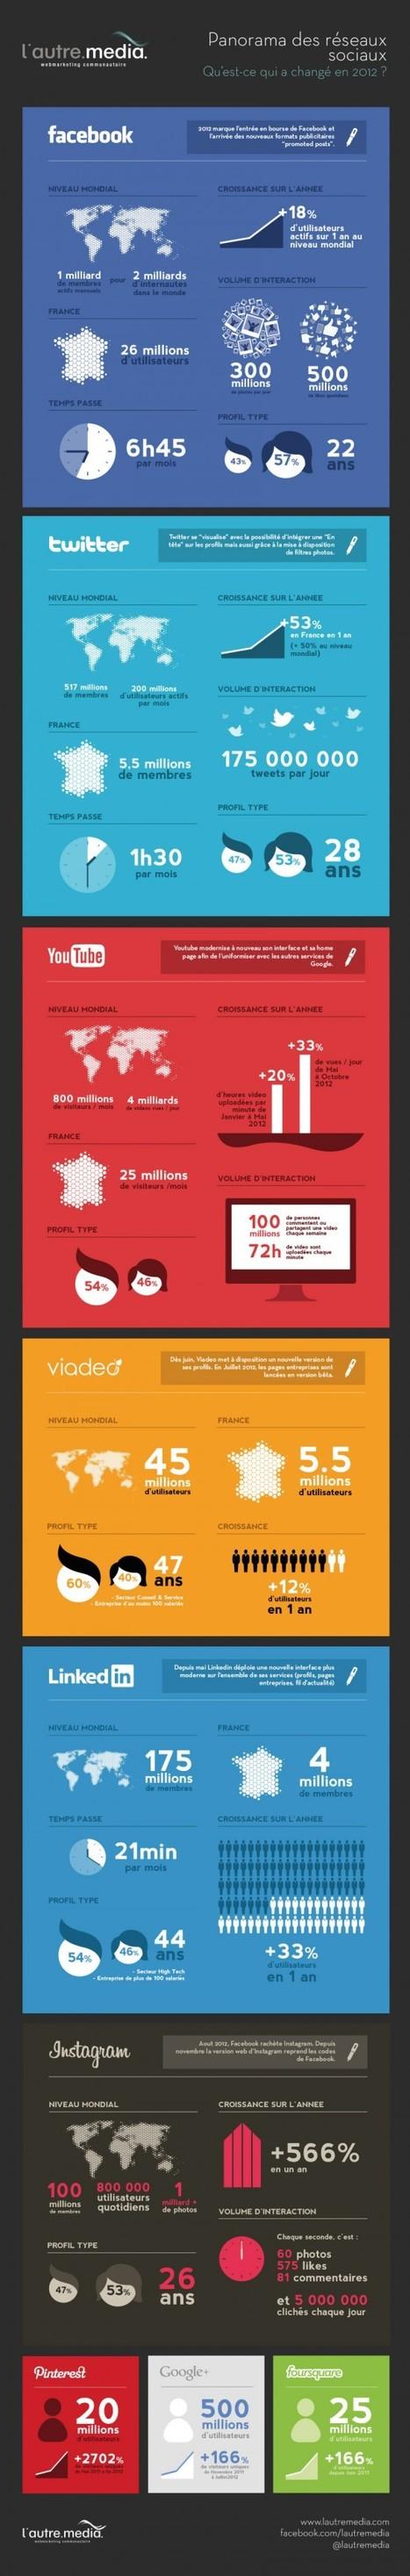 Les marques touchent-elles leur cible sur les réseaux sociaux ? | Culture digitale | Scoop.it